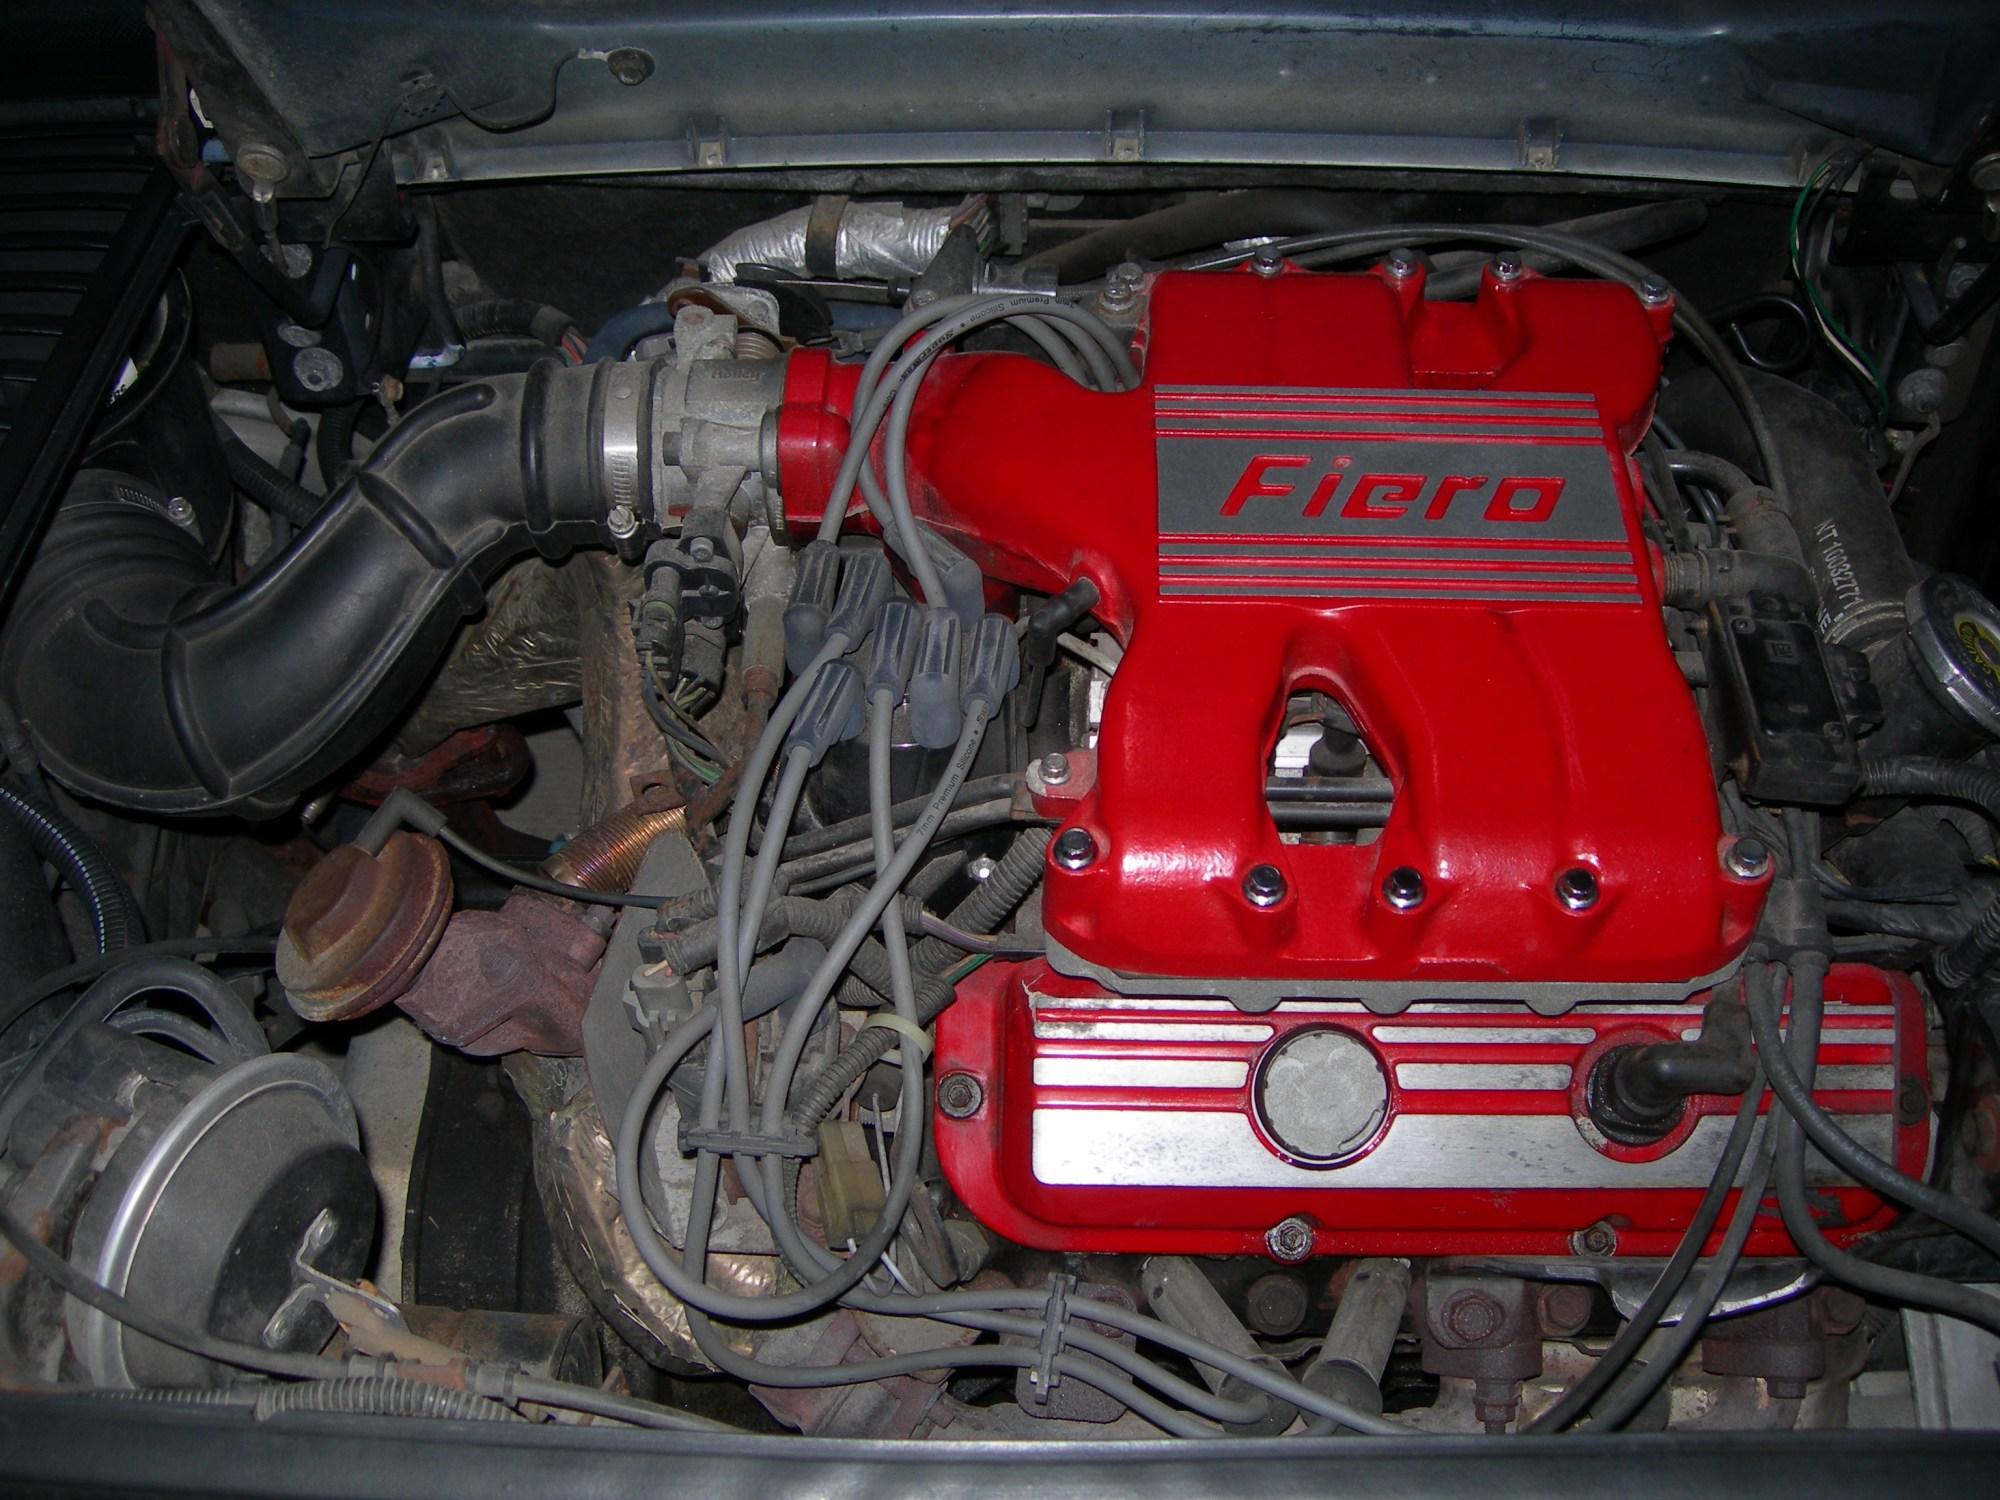 hight resolution of file 1988 fiero formula motor jpg